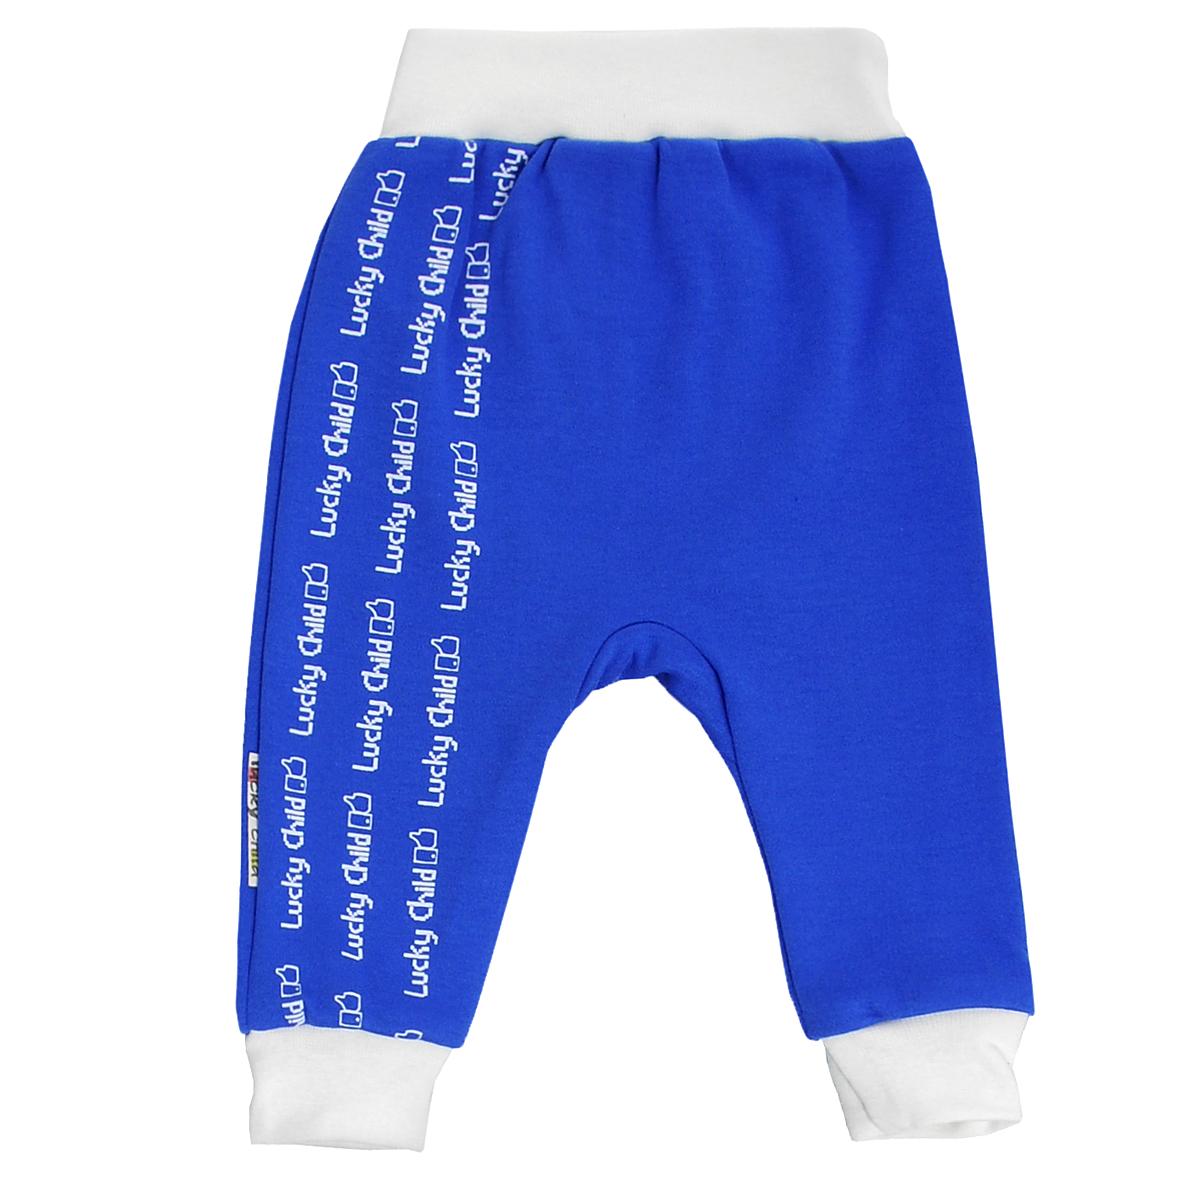 Штанишки на широком поясе для мальчика . 9-119-11Удобные штанишки для мальчика Lucky Child на широком поясе послужат идеальным дополнением к гардеробу вашего малыша. Штанишки, изготовленные из натурального хлопка, необычайно мягкие и легкие, не раздражают нежную кожу ребенка и хорошо вентилируются, а эластичные швы приятны телу младенца и не препятствуют его движениям. Штанишки благодаря мягкому эластичному поясу не сдавливают животик ребенка и не сползают, обеспечивая ему наибольший комфорт, идеально подходят для ношения с подгузником и без него. Снизу брючины дополнены широкими трикотажными манжетами, не пережимающими ножку. Спереди они оформлены оригинальным принтом в виде логотипа бренда. Штанишки очень удобный и практичный вид одежды для малышей, которые уже немного подросли. Отлично сочетаются с футболками, кофточками и боди. В таких штанишках вашему малышу будет уютно и комфортно!